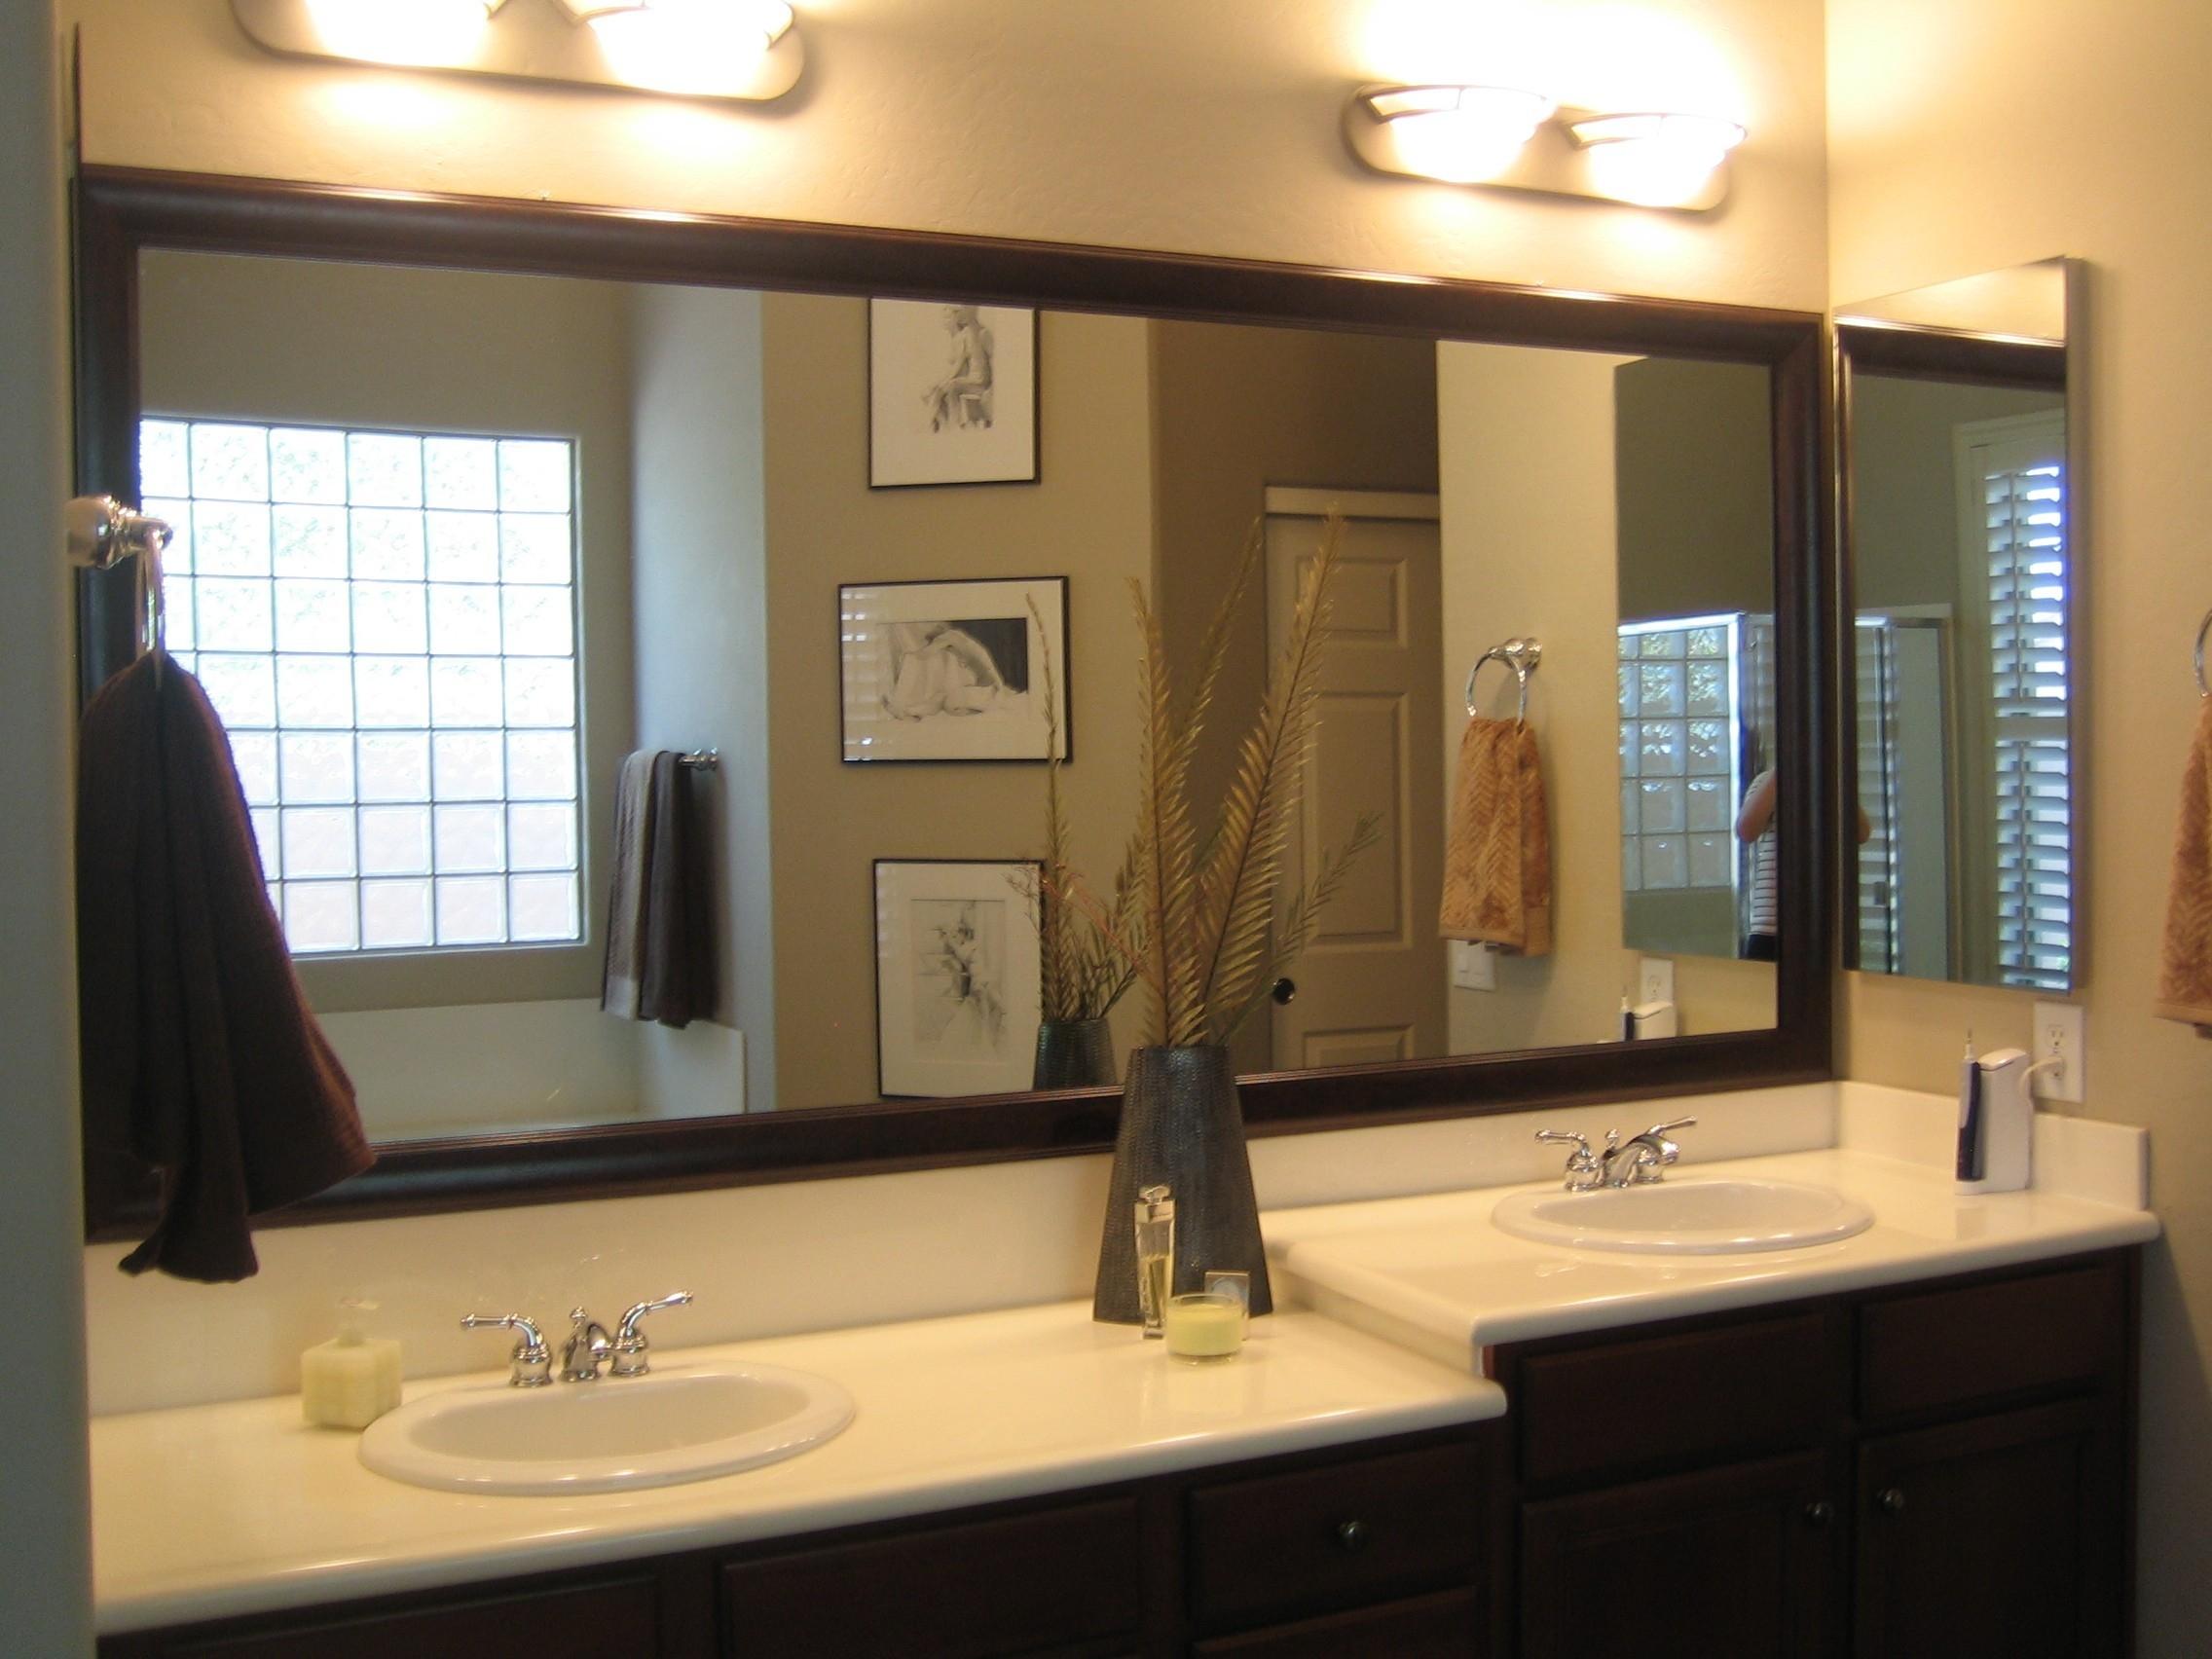 60 Bathroom Wall Mirror